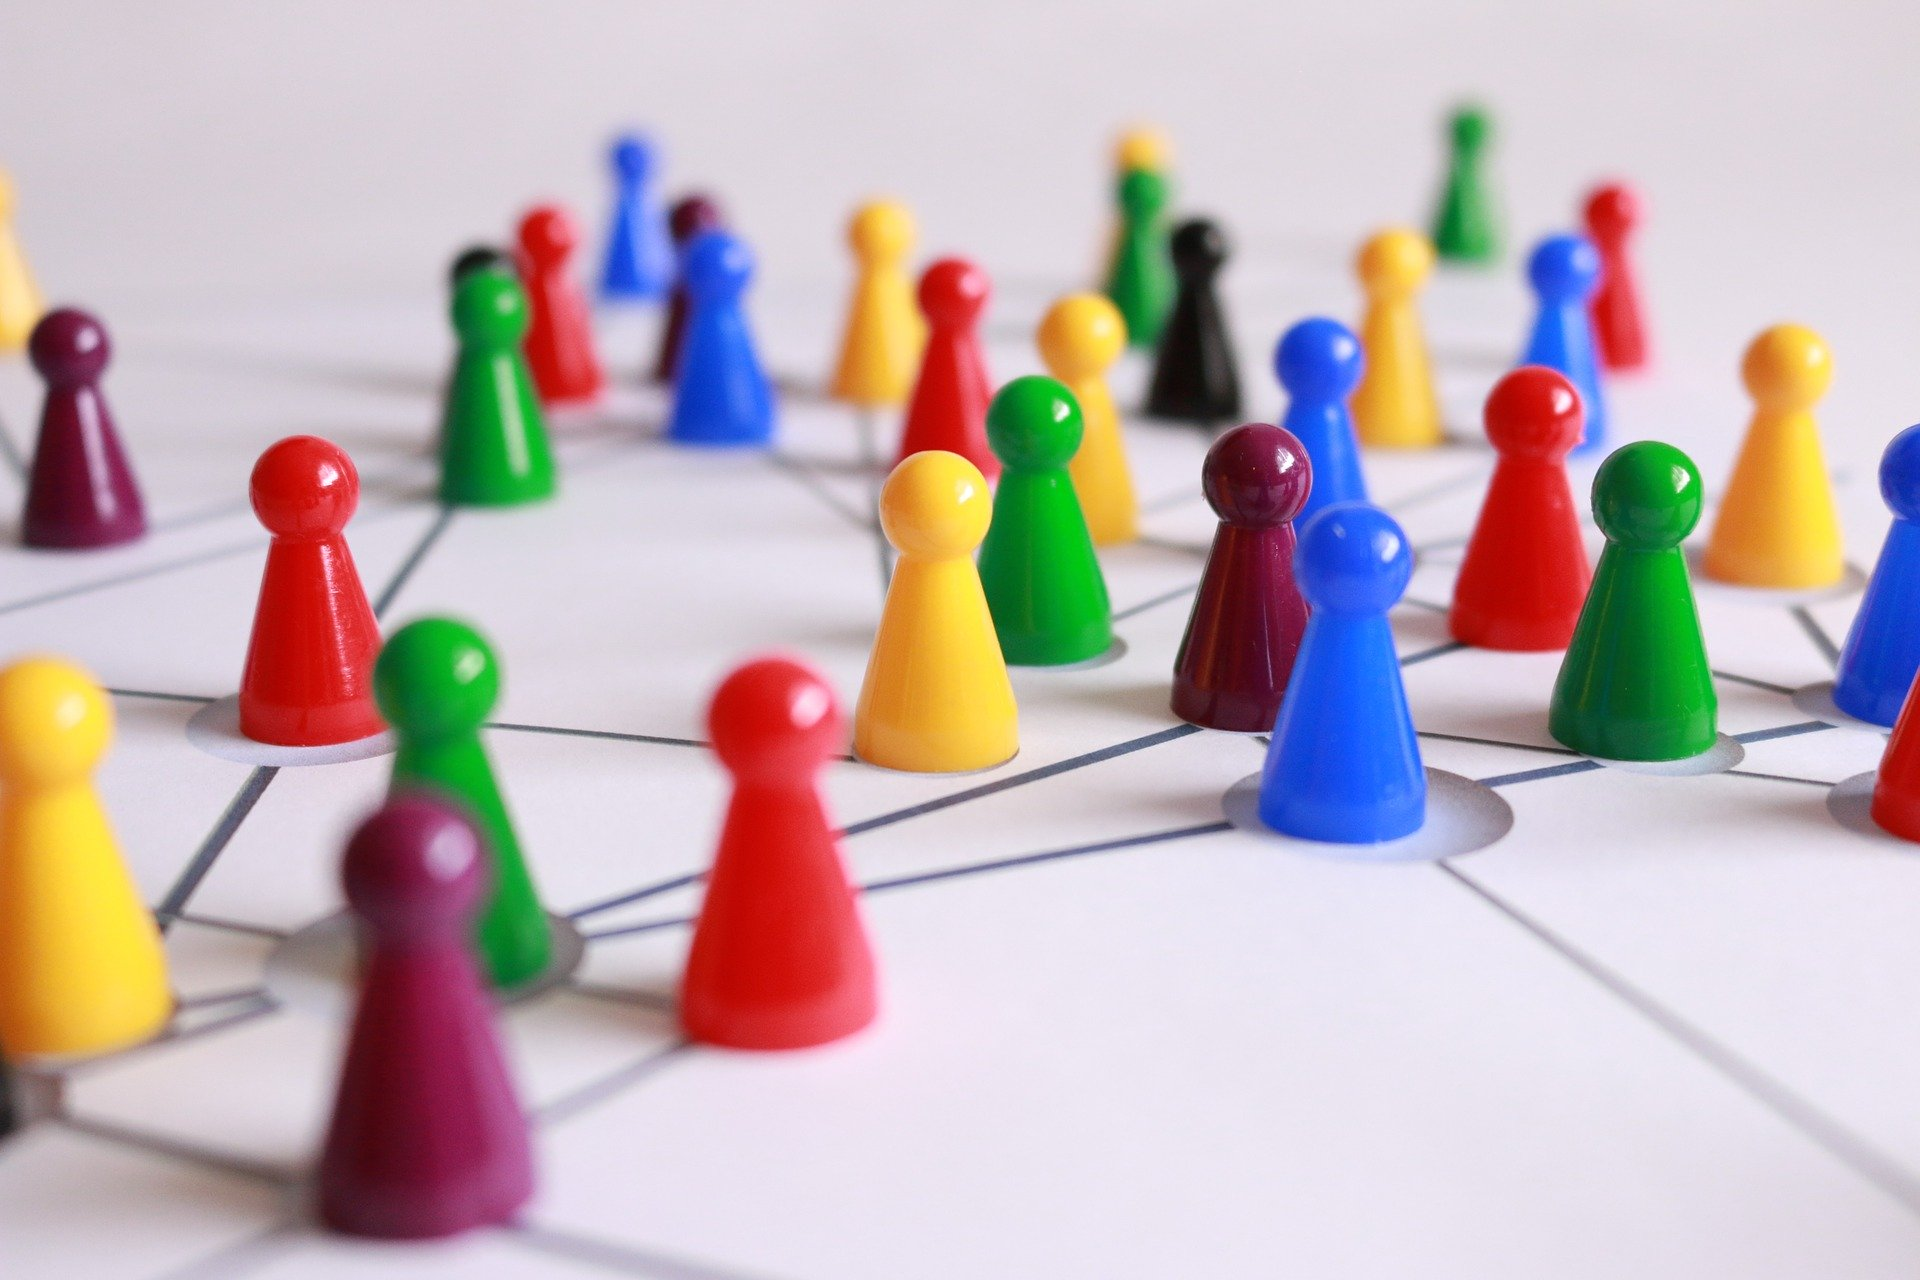 Teamgestaltung statt Personalbeschaffung – Mit der richtigen Passung gegen den Fachkräftemangel